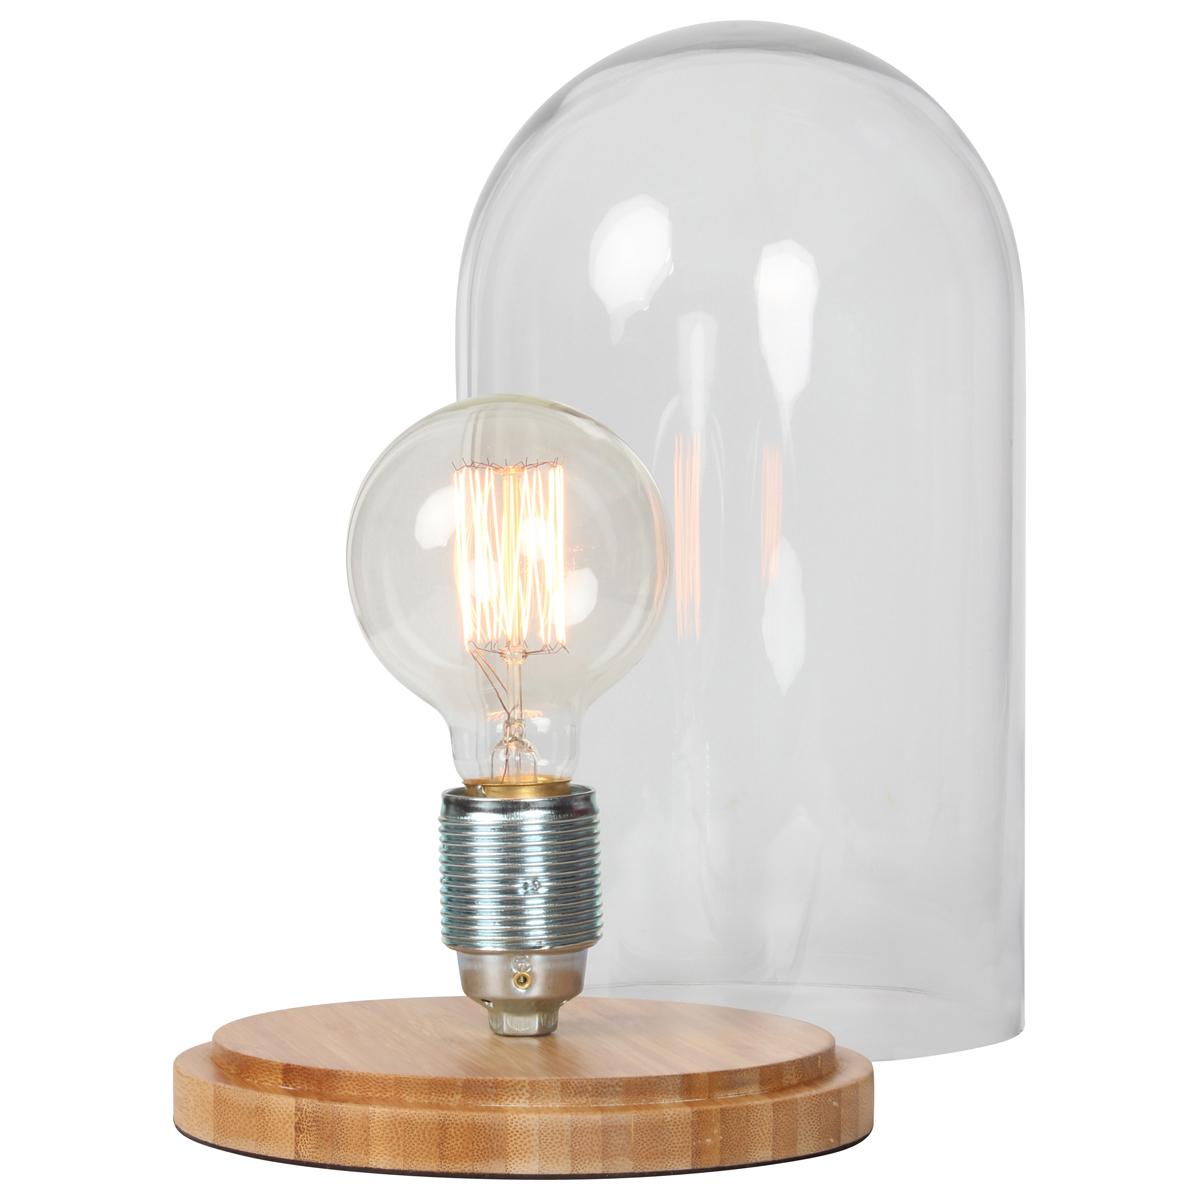 lampe sous cloche o trouver une lampe sous cloche joli place lampe sous cloche trio leuchten. Black Bedroom Furniture Sets. Home Design Ideas